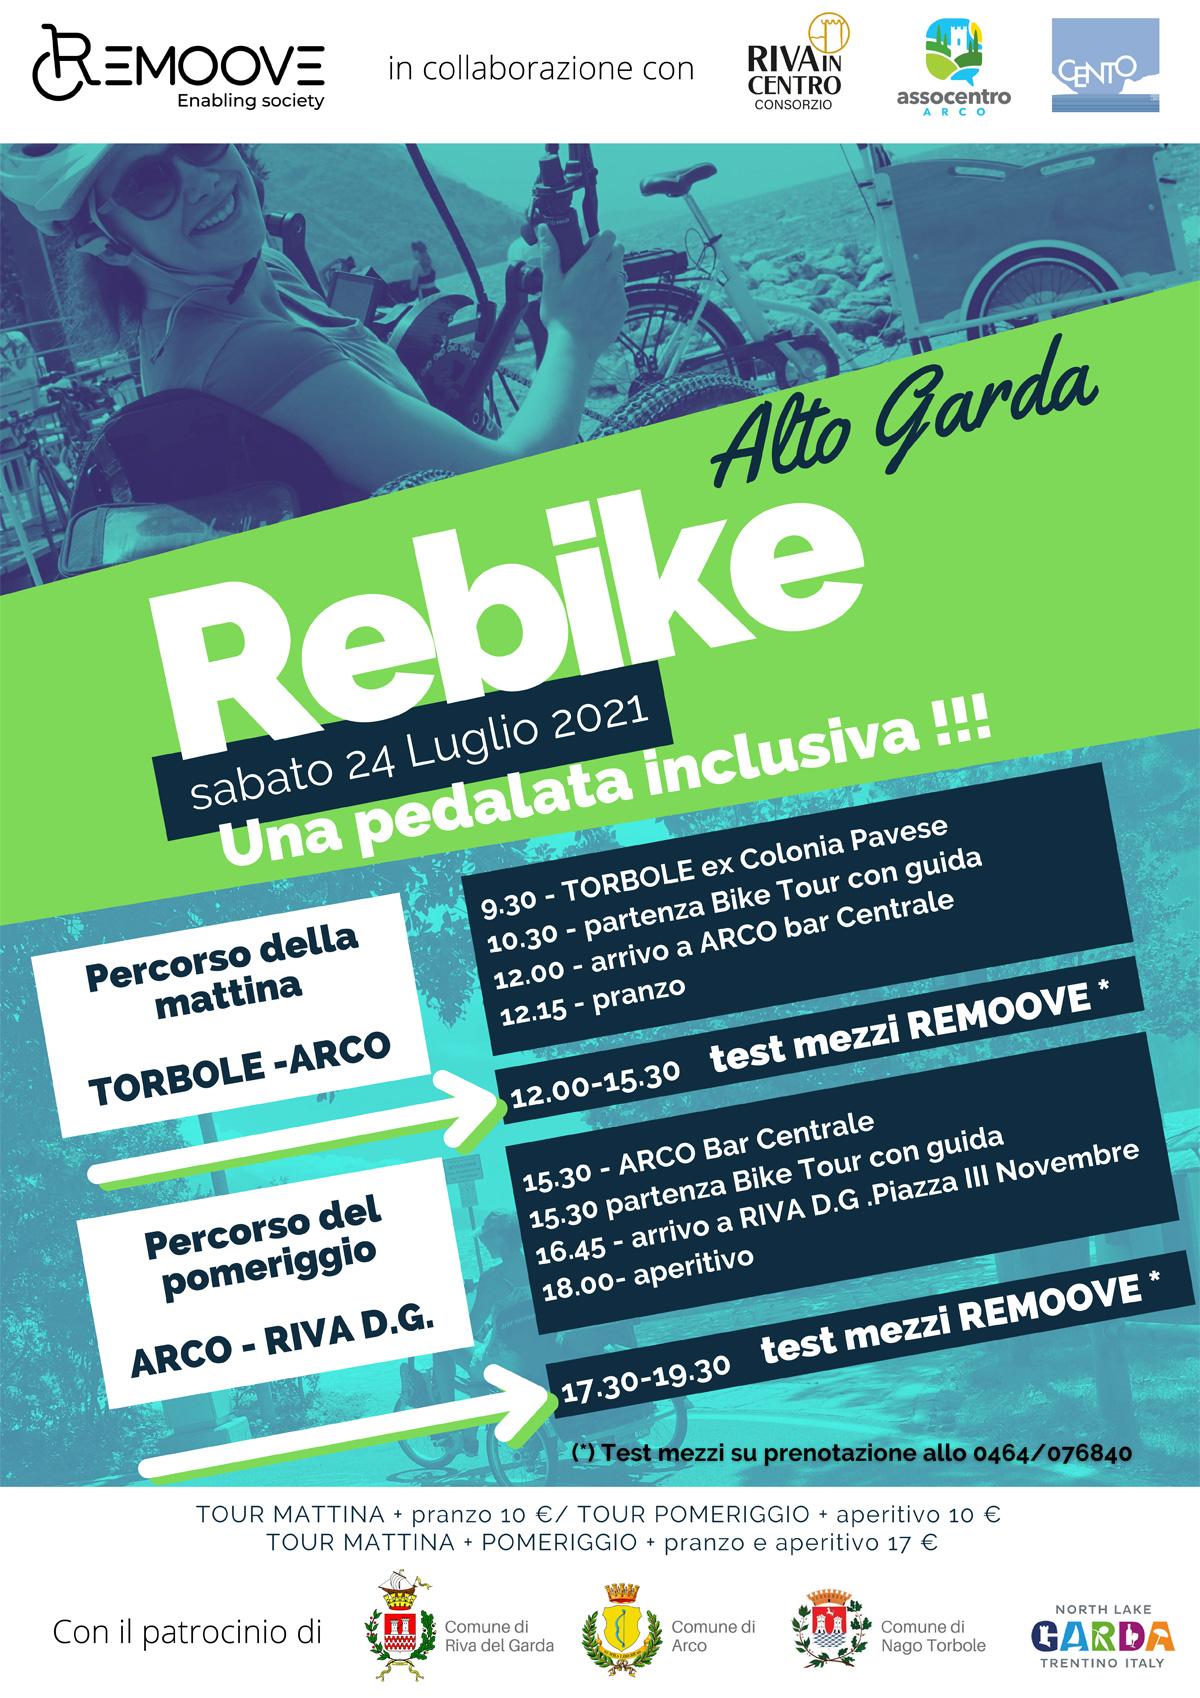 La locandina con il programma del Rebike Alto Garda 2021